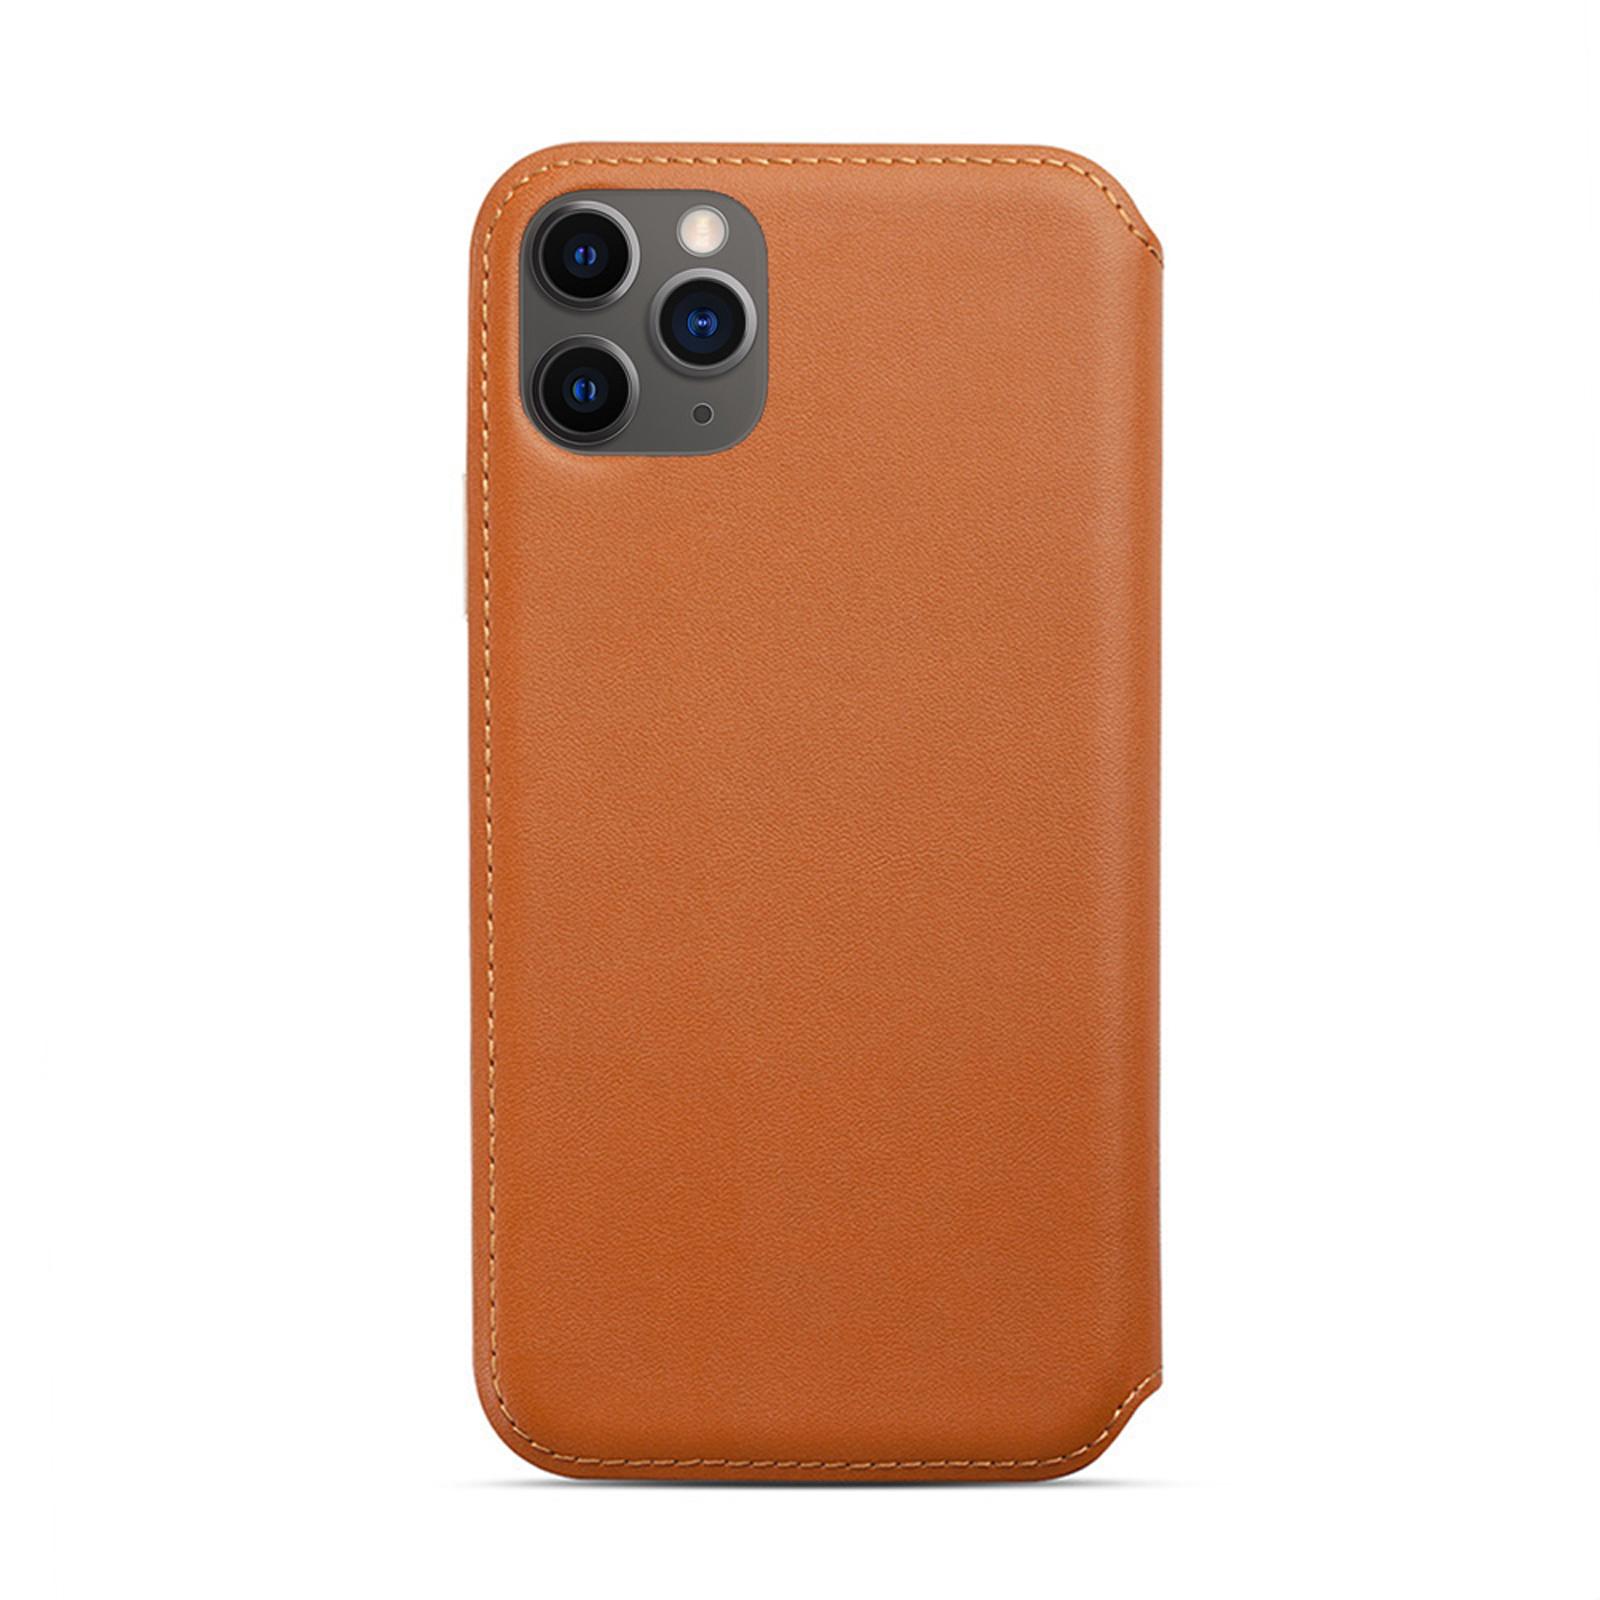 Nouveau-cuir-flip-portefeuille-Folio-Telephone-Etui-Housse-Pour-Apple-iPhone-11-Pro-Max-Xs-XR miniature 31